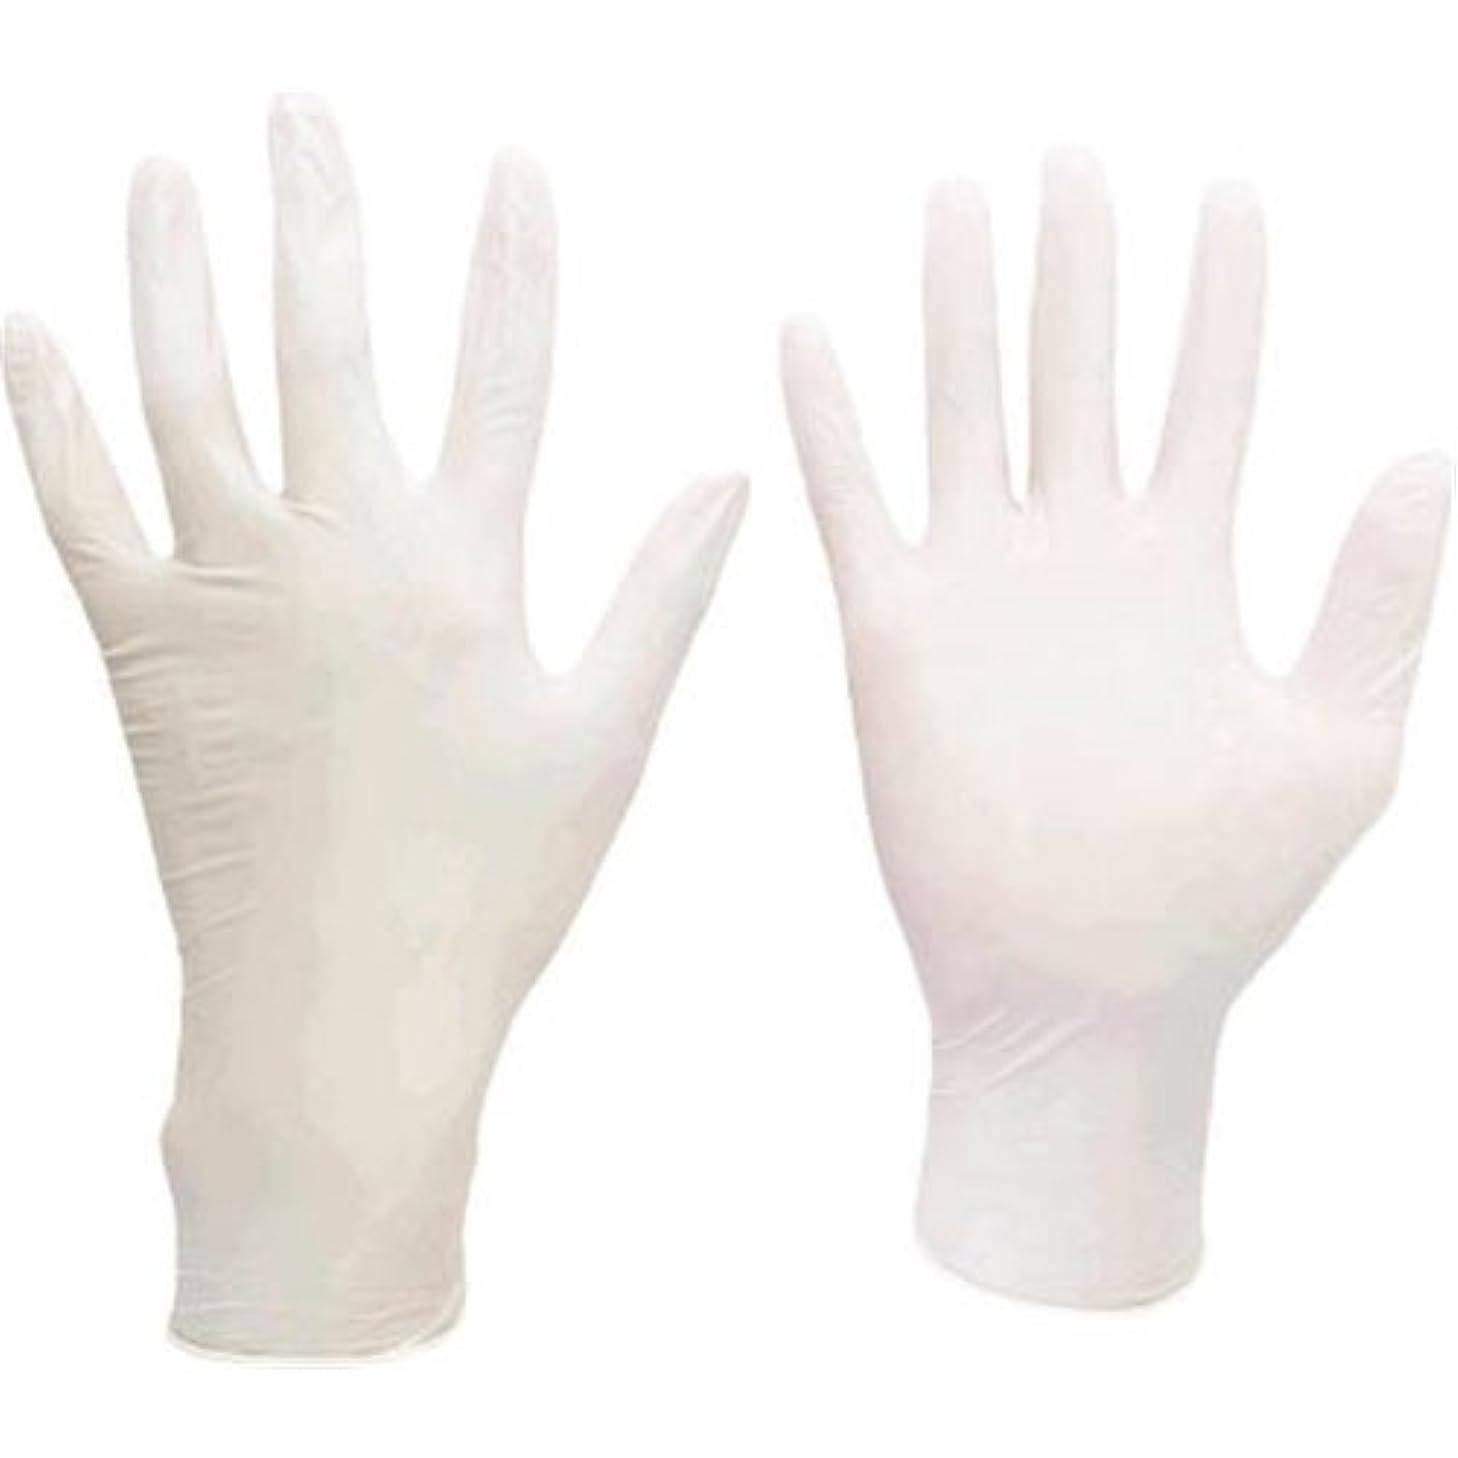 ビヨン水曜日ルールミドリ安全/ミドリ安全 ニトリル使い捨て手袋 極薄 粉なし 100枚入 白 M(3889084) VERTE-711-M